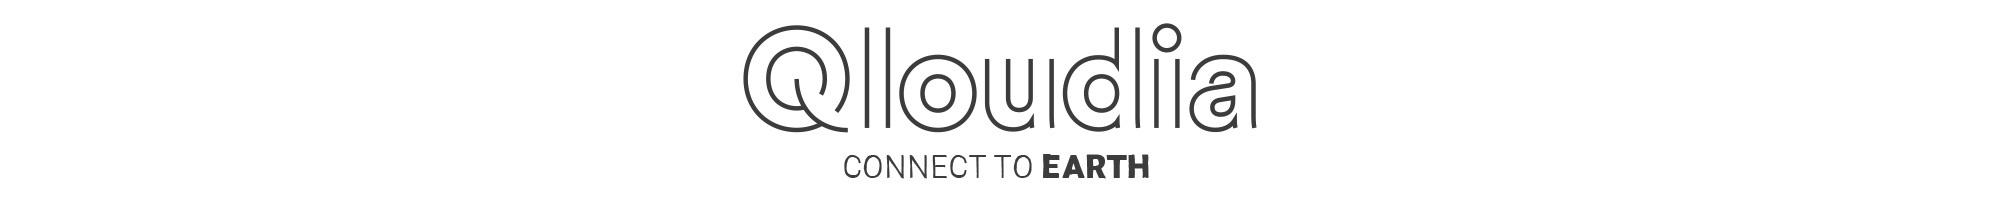 Logo Qloudia